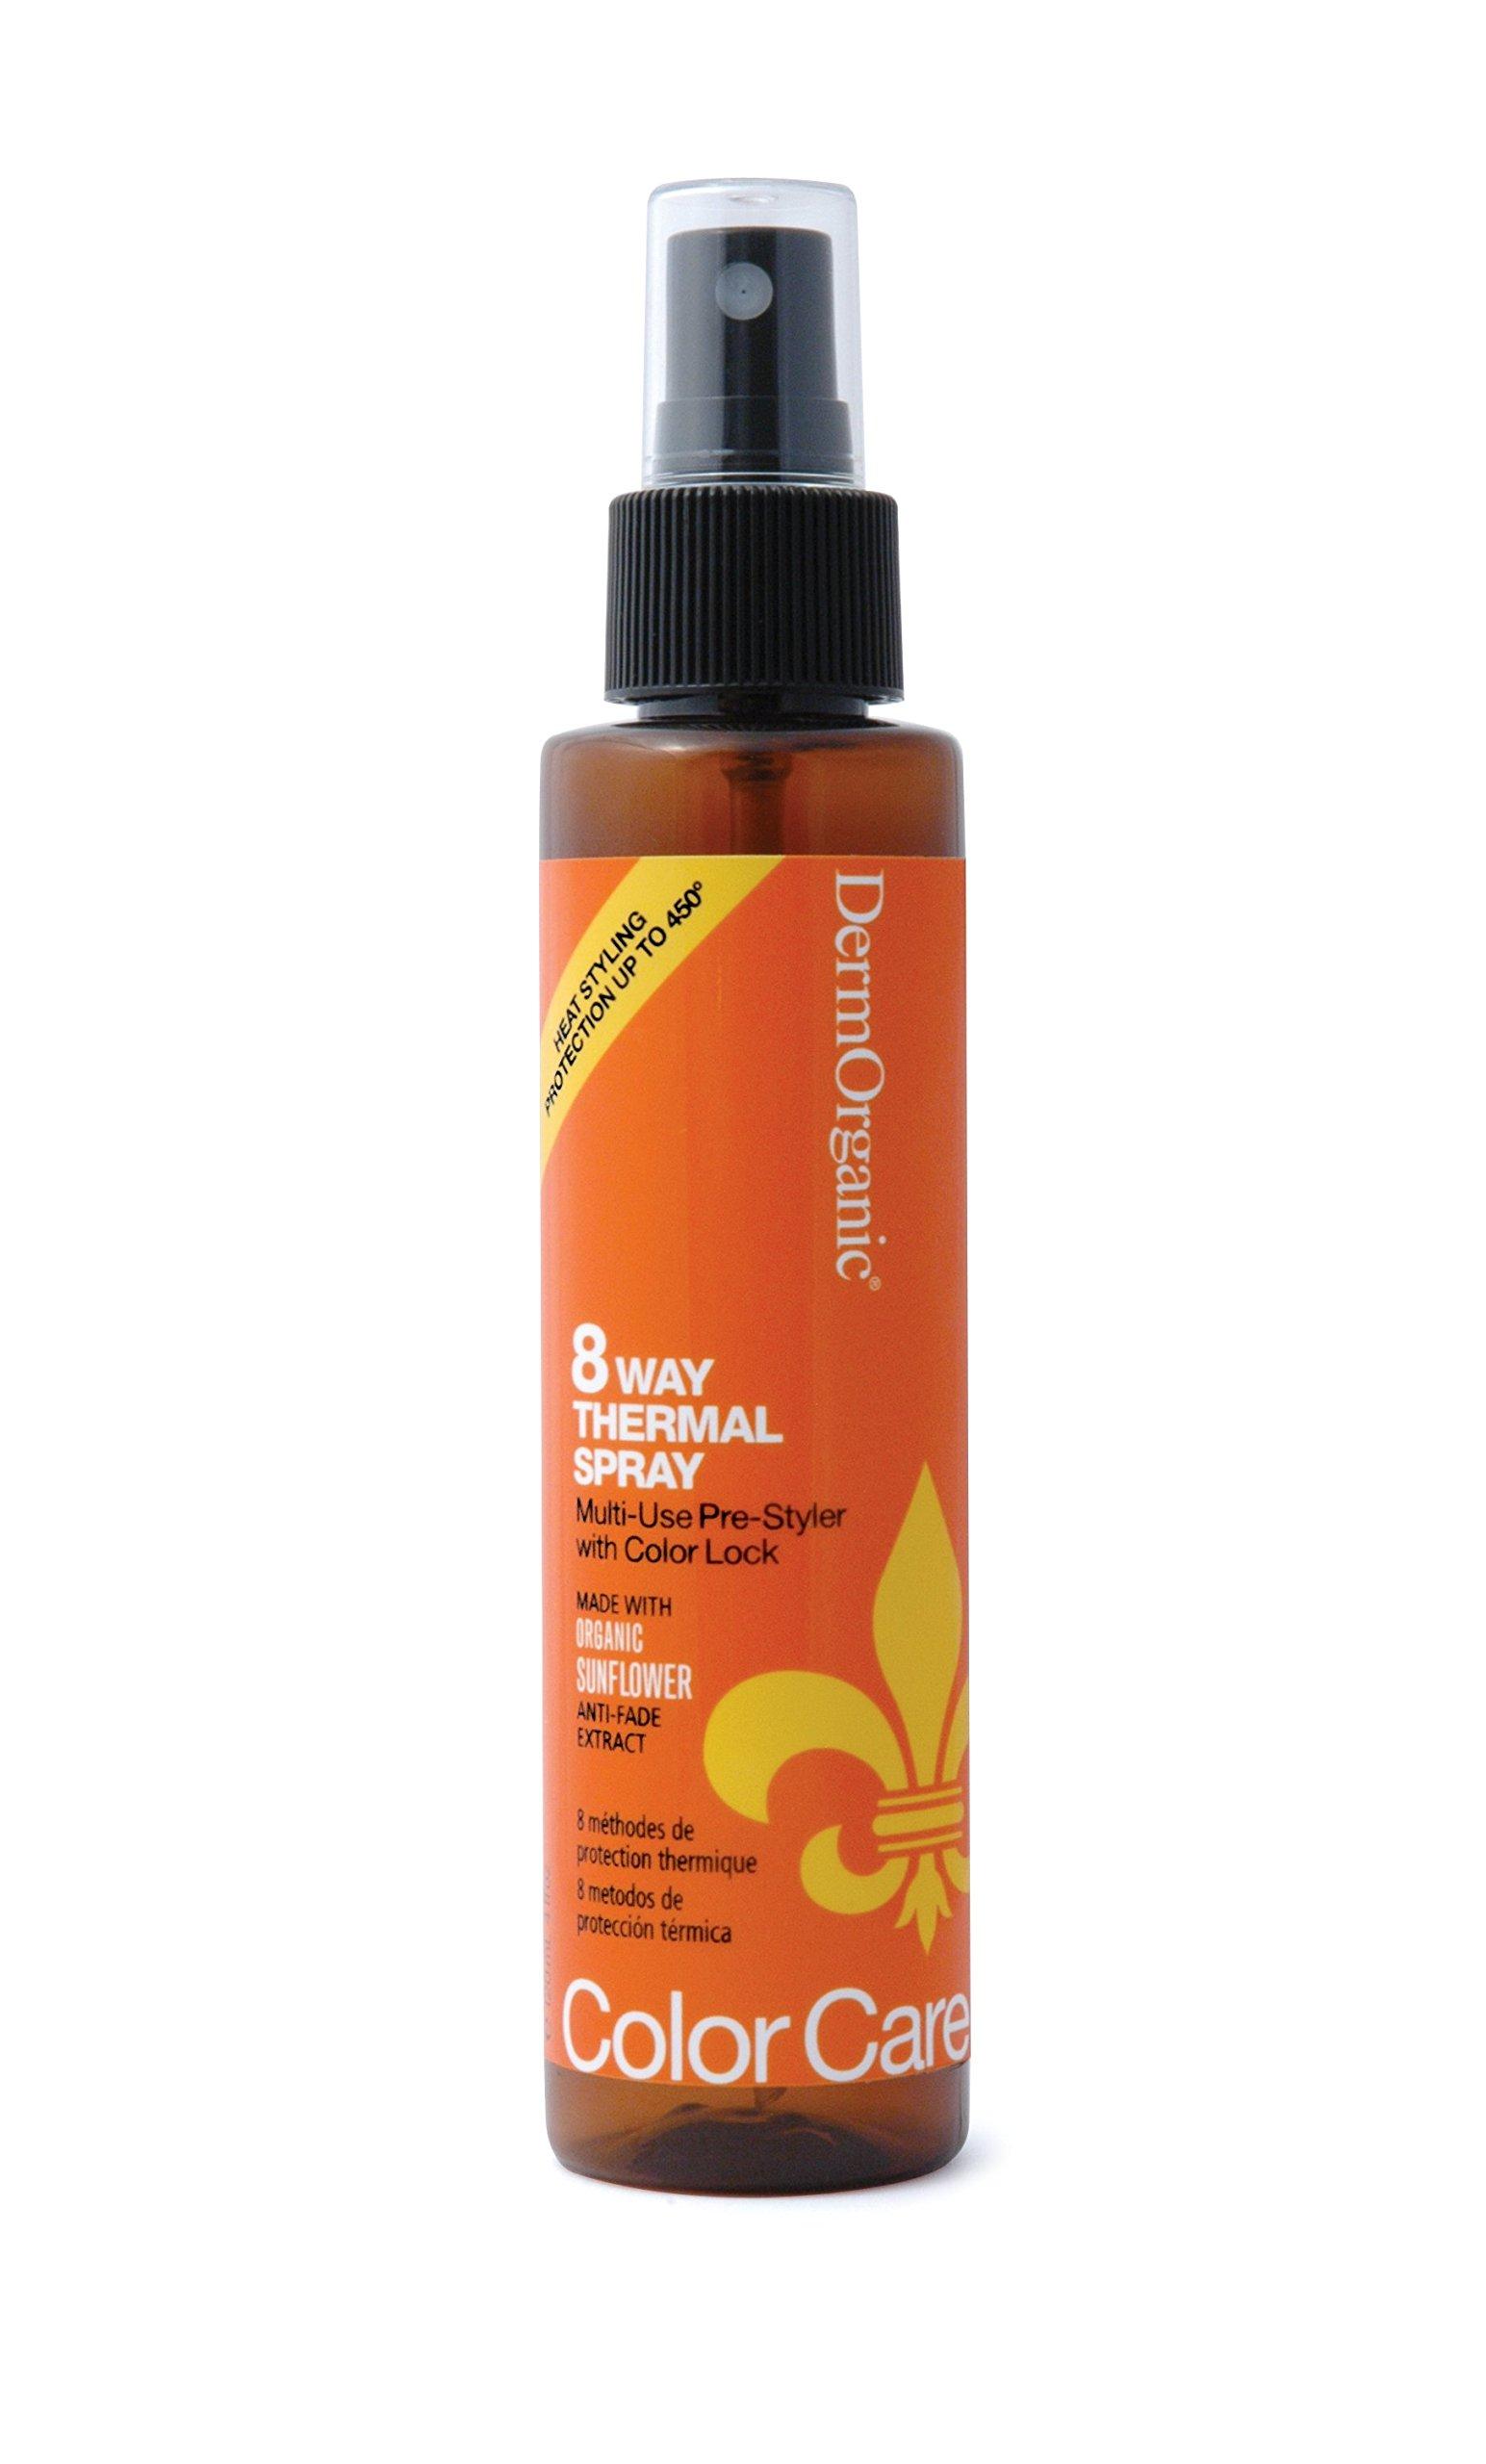 DermOrganic Color Care 8 Way Thermal Spray, 4.0 fl.oz